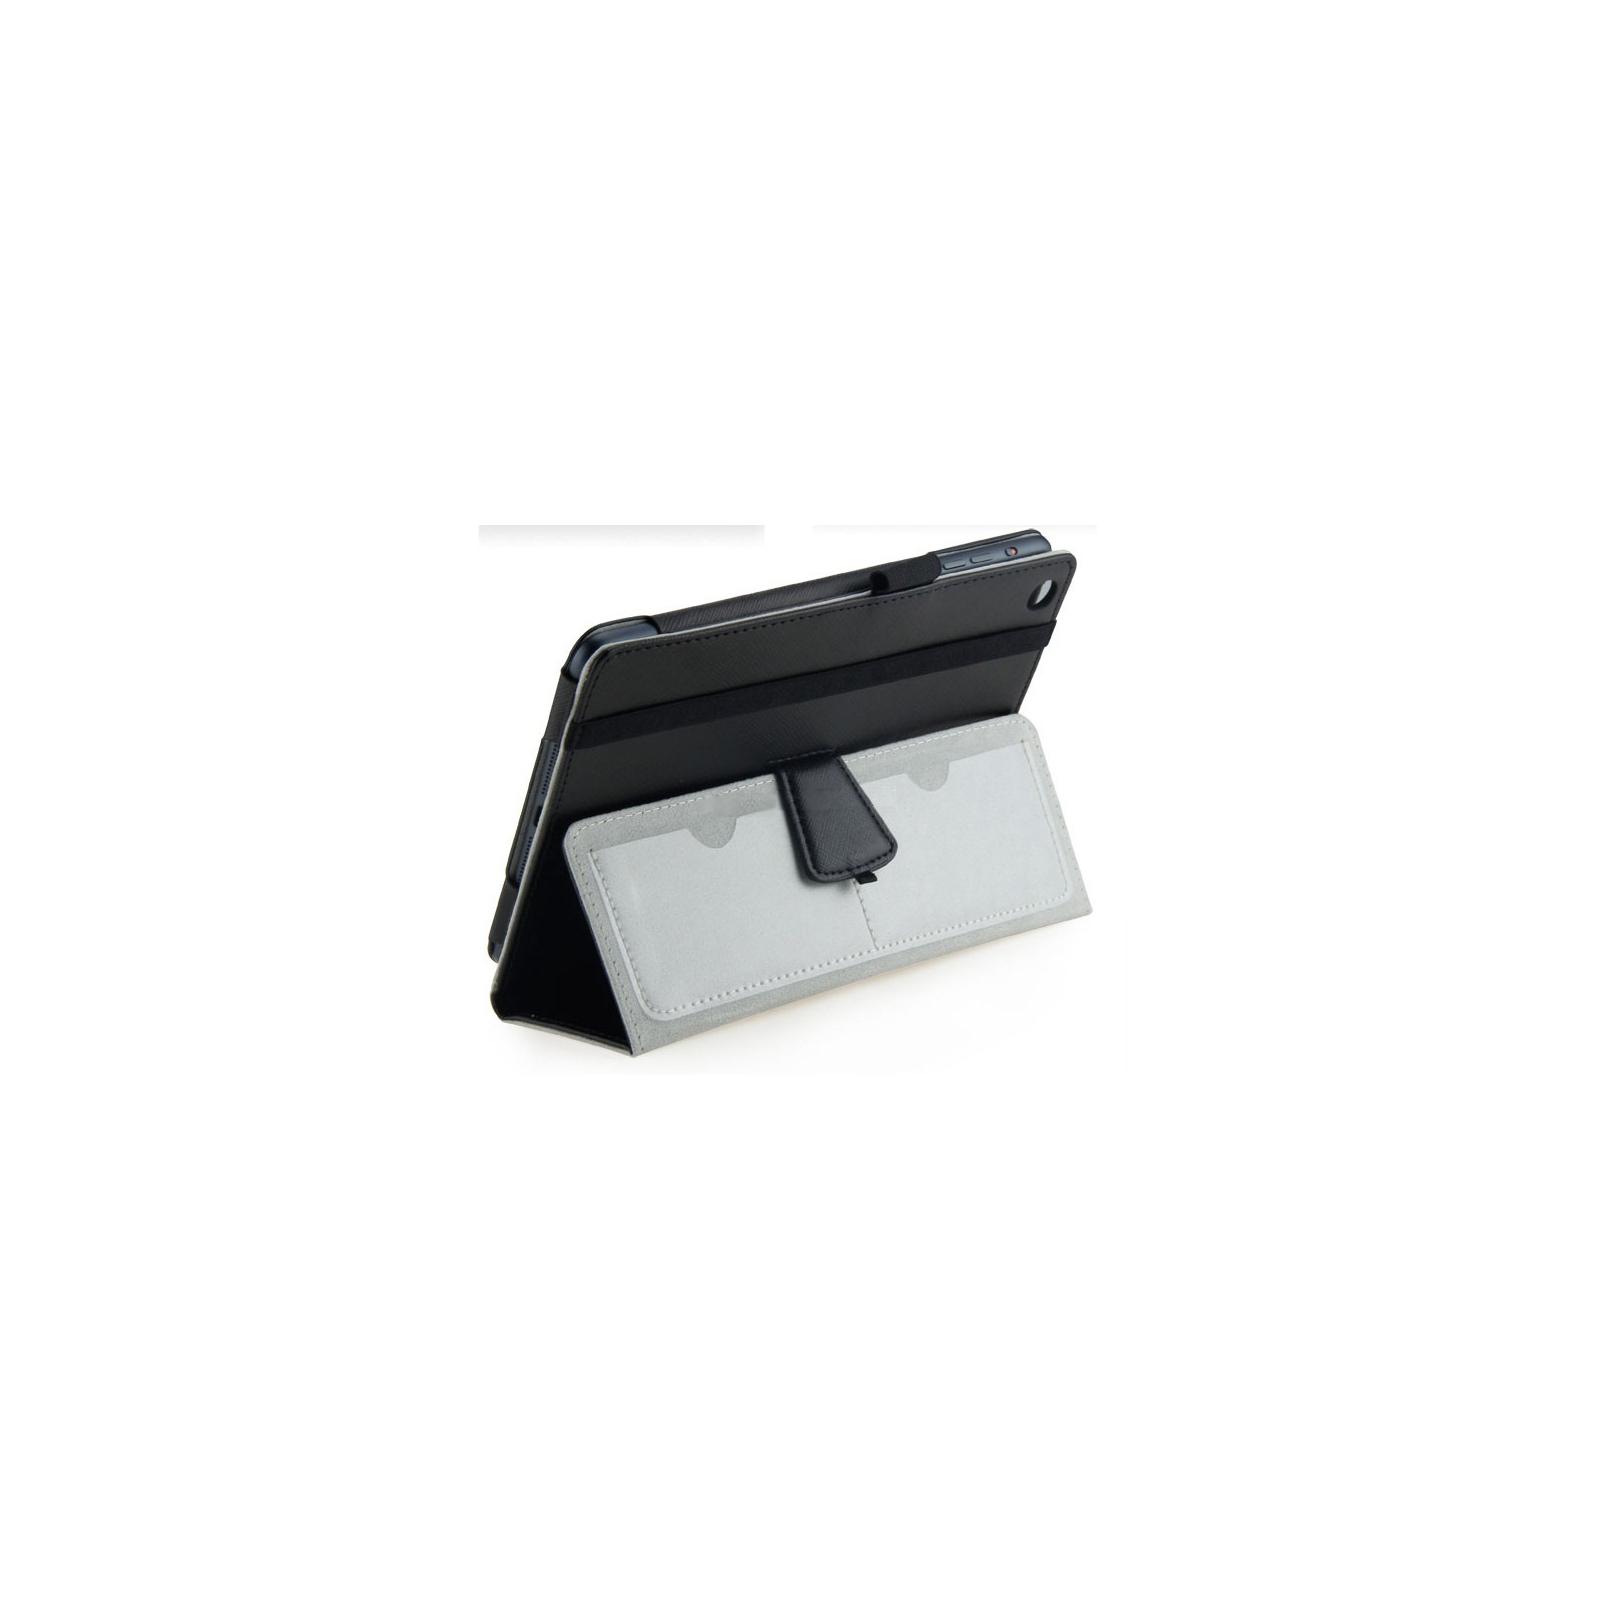 """Чехол для планшета iPearl 7,9"""" iPad Mini black (PCUT5TW) изображение 6"""